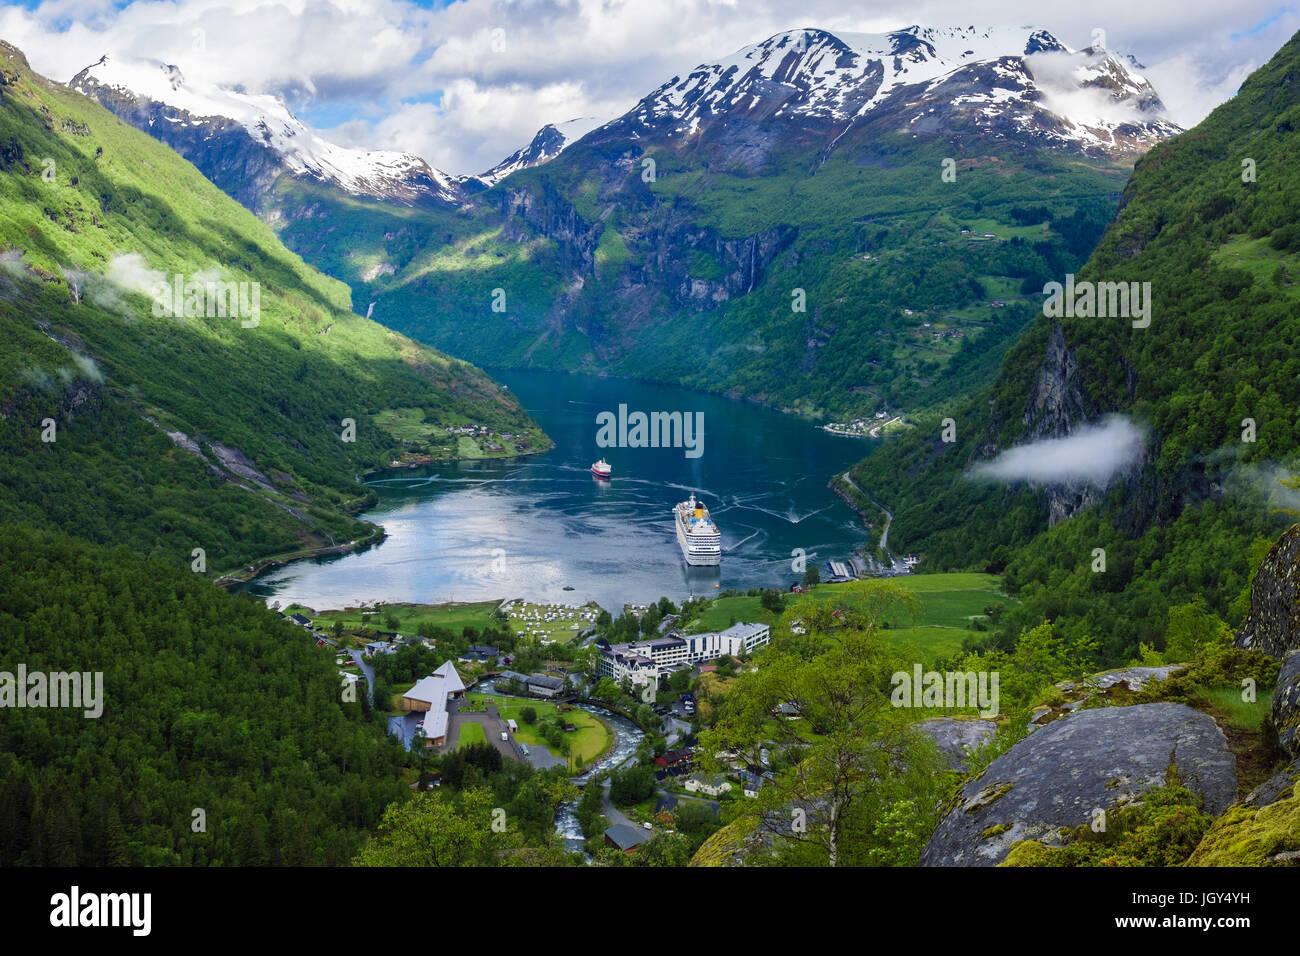 Voir plus haut Geirangerfjorden entouré de montagnes aux sommets enneigés en été. Sunnmøre, Photo Stock